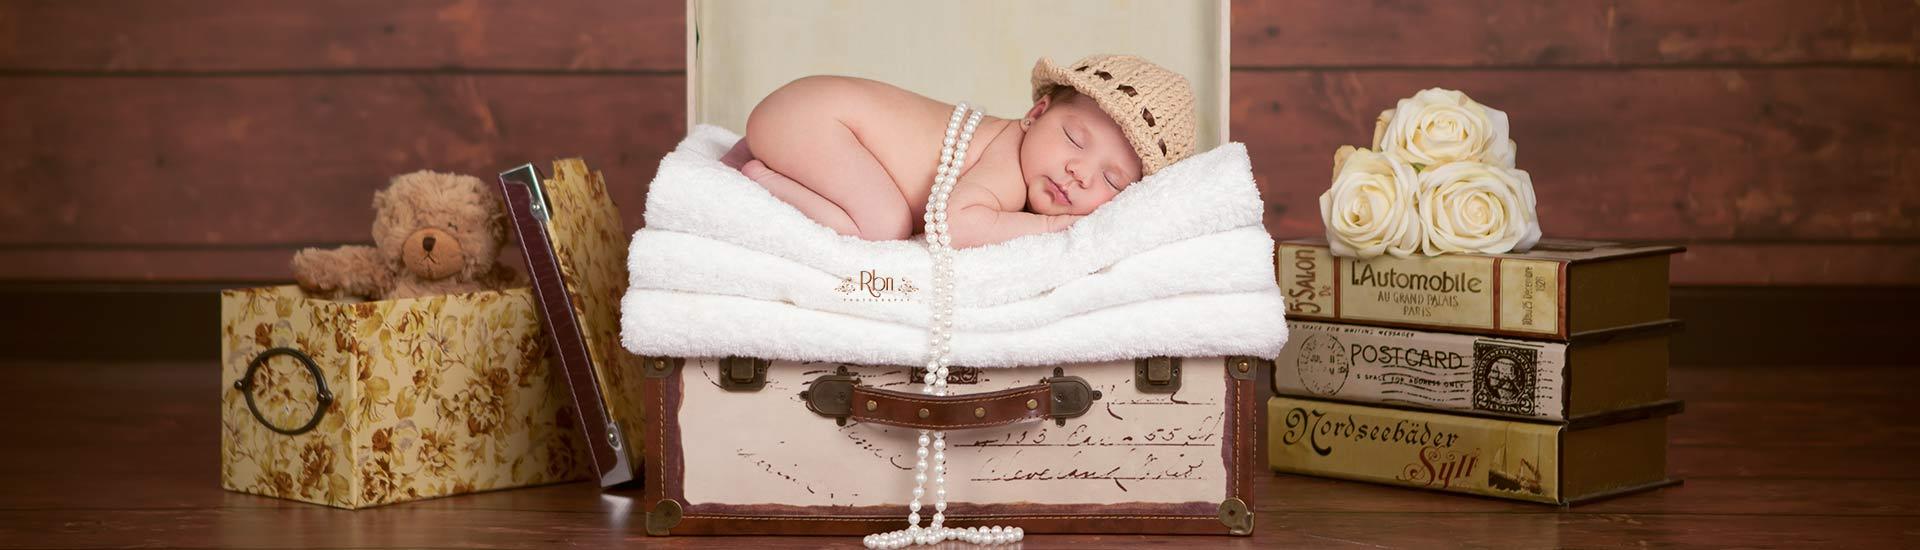 fotografo bebes-fotos estudio bebes-book bebe-fotografos bebes-fotografia de bebes madrid